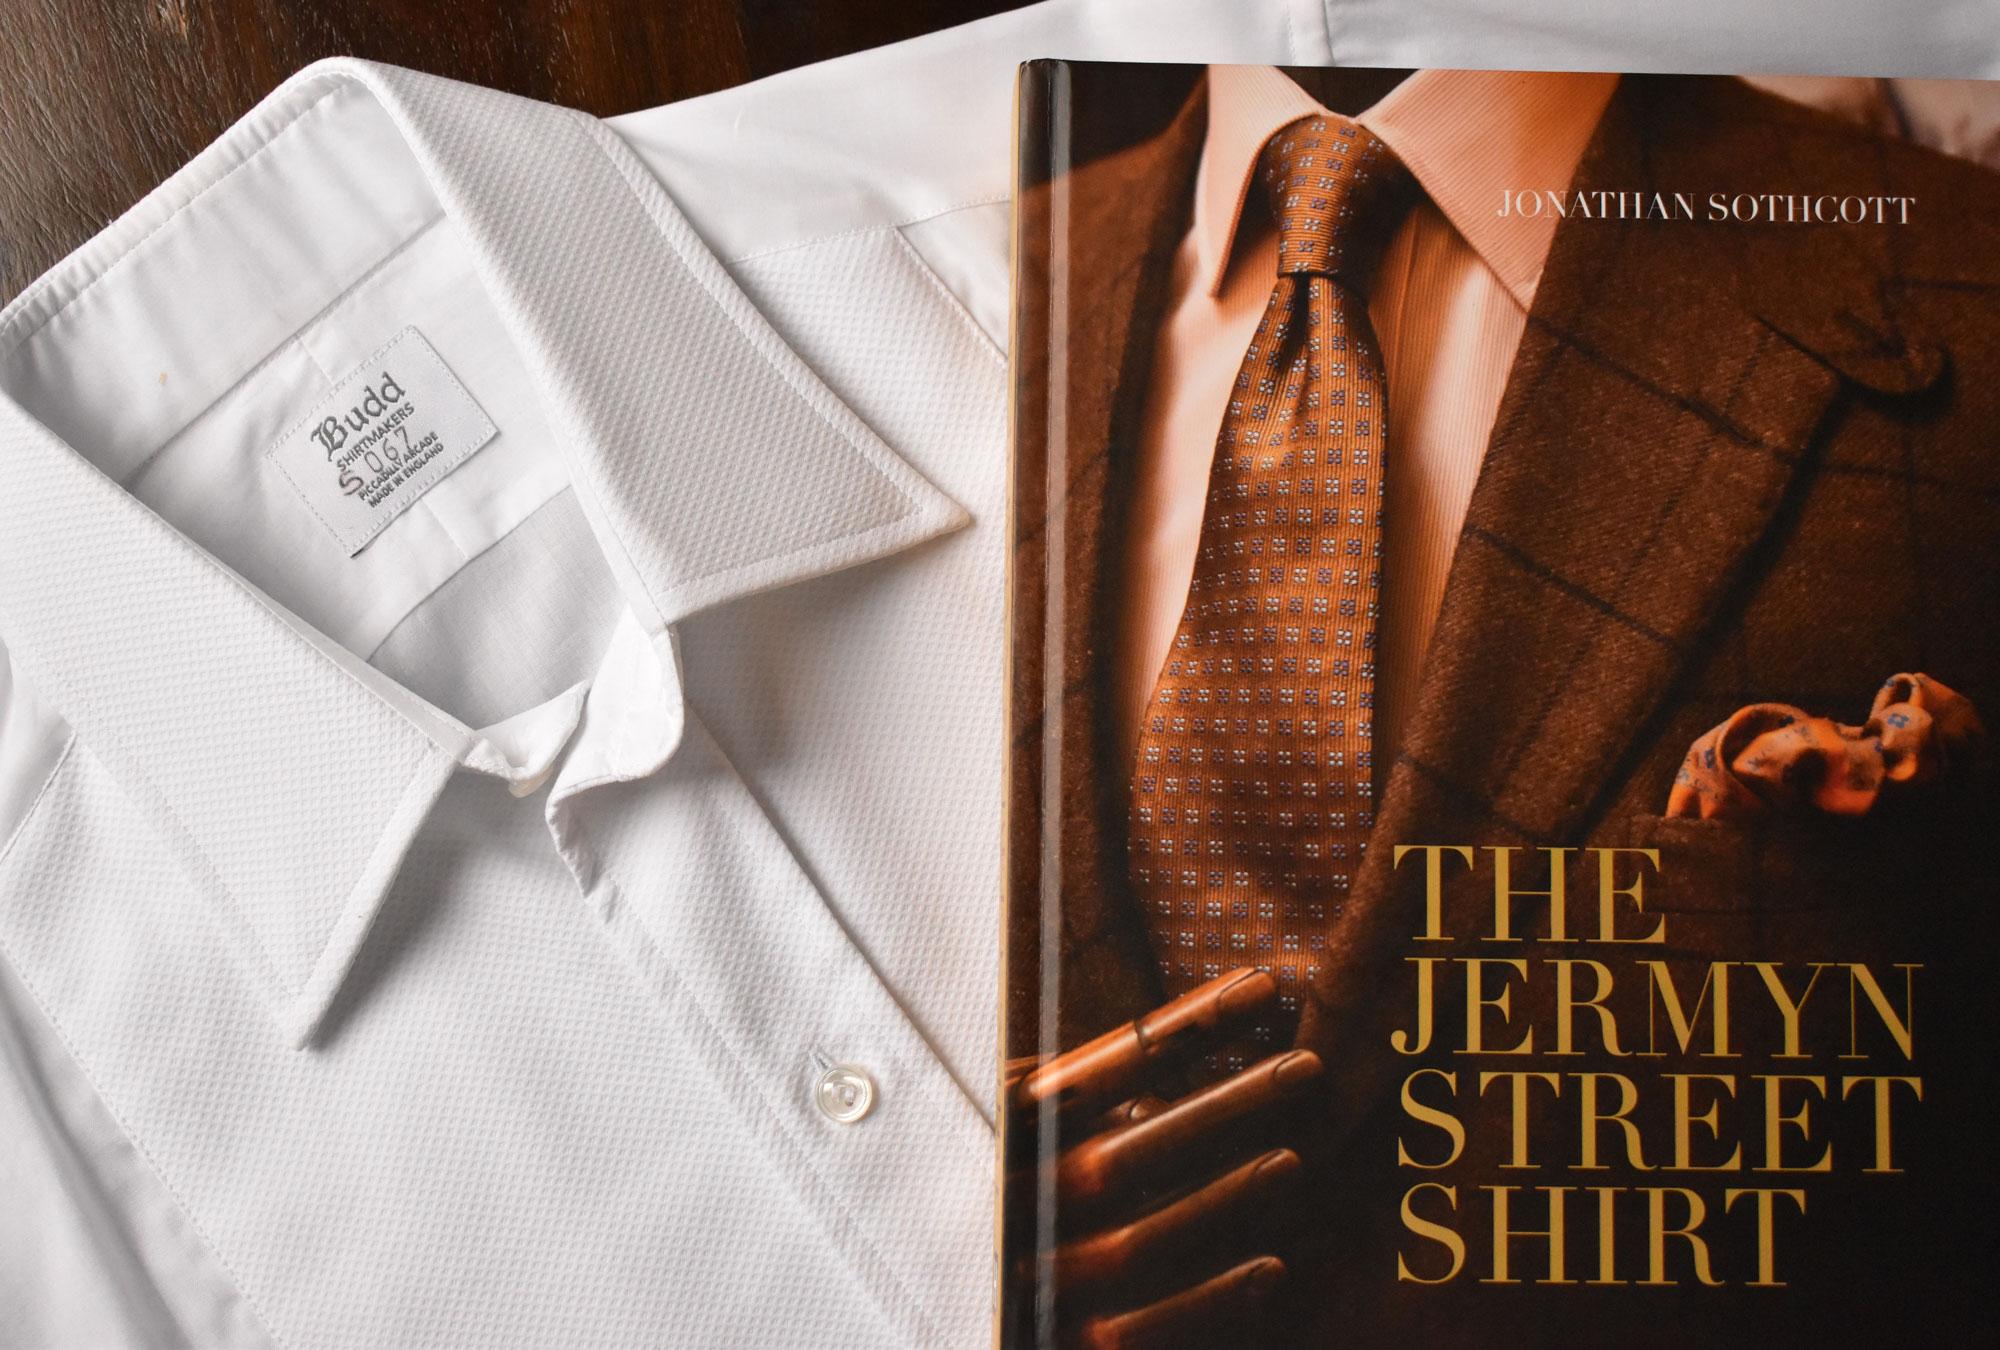 Jermyn Street Shirt book by Jonathan Sotchcott